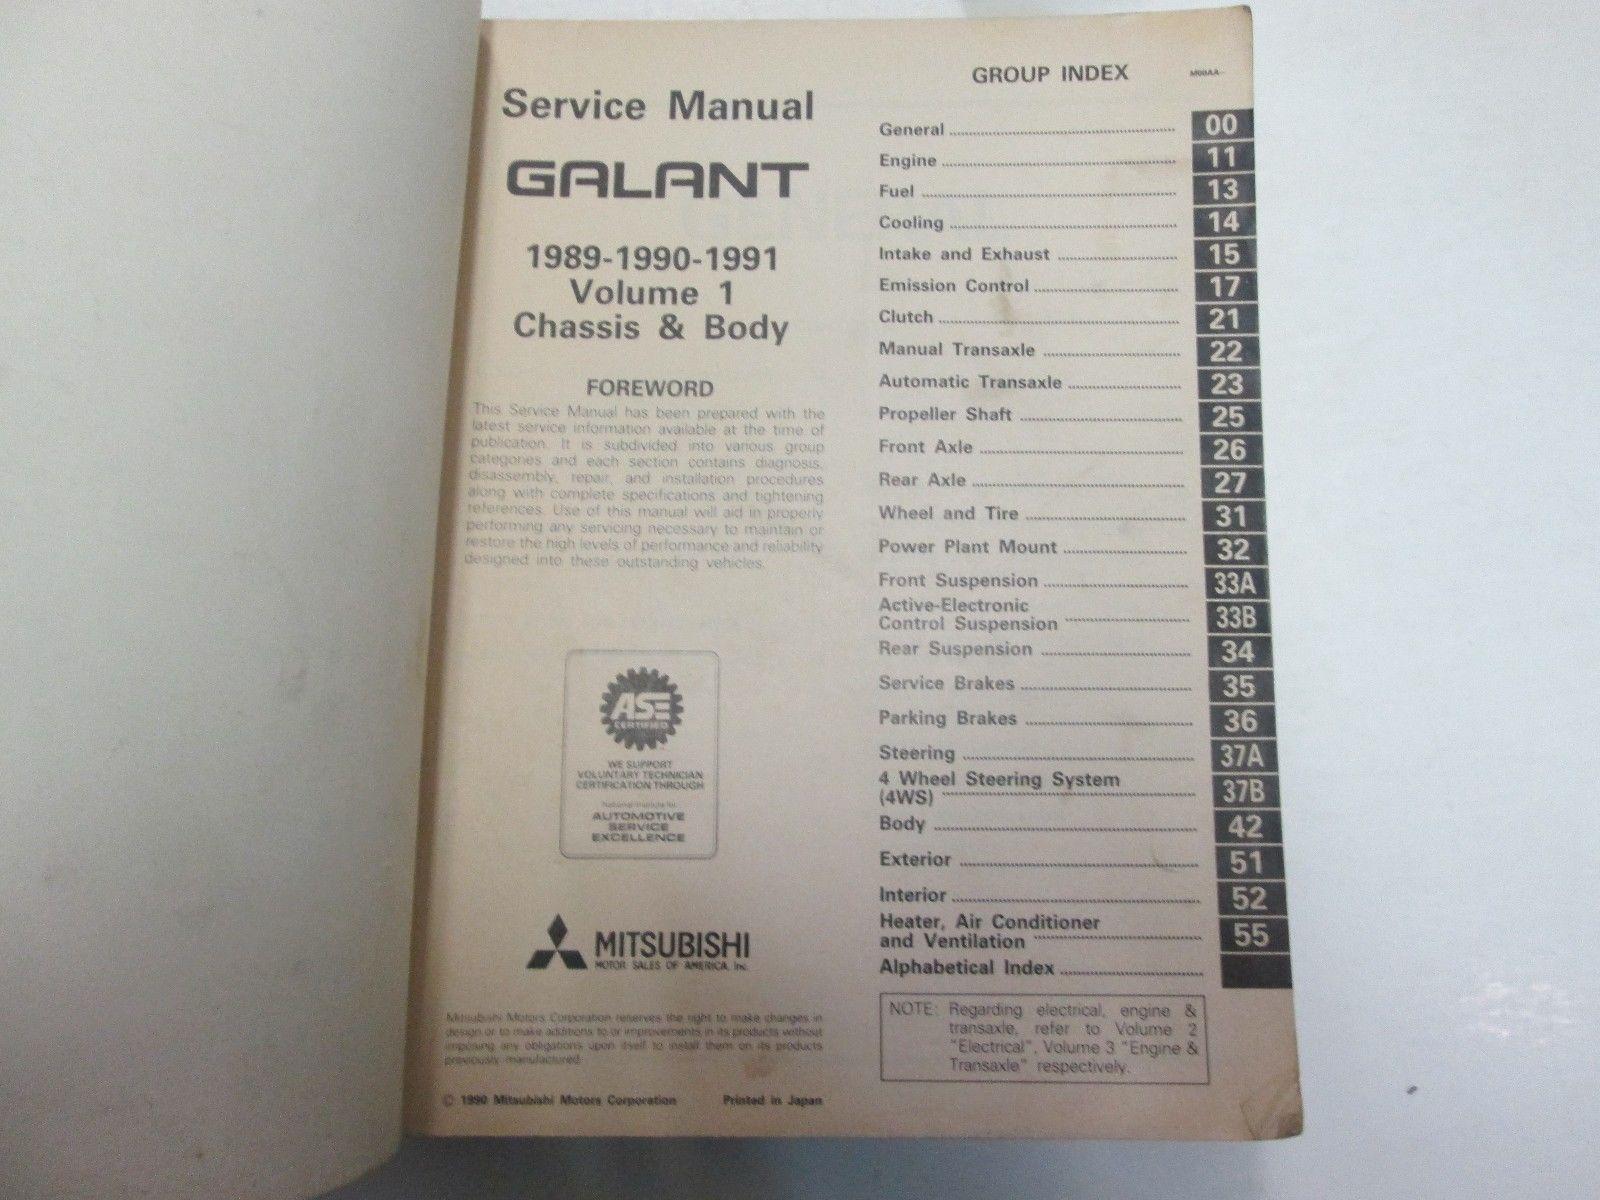 1989 90 91 mitsubishi galant service repair and 50 similar items rh bonanza com 2010 Mitsubishi Galant SE 2002 Mitsubishi Galant Body Kit